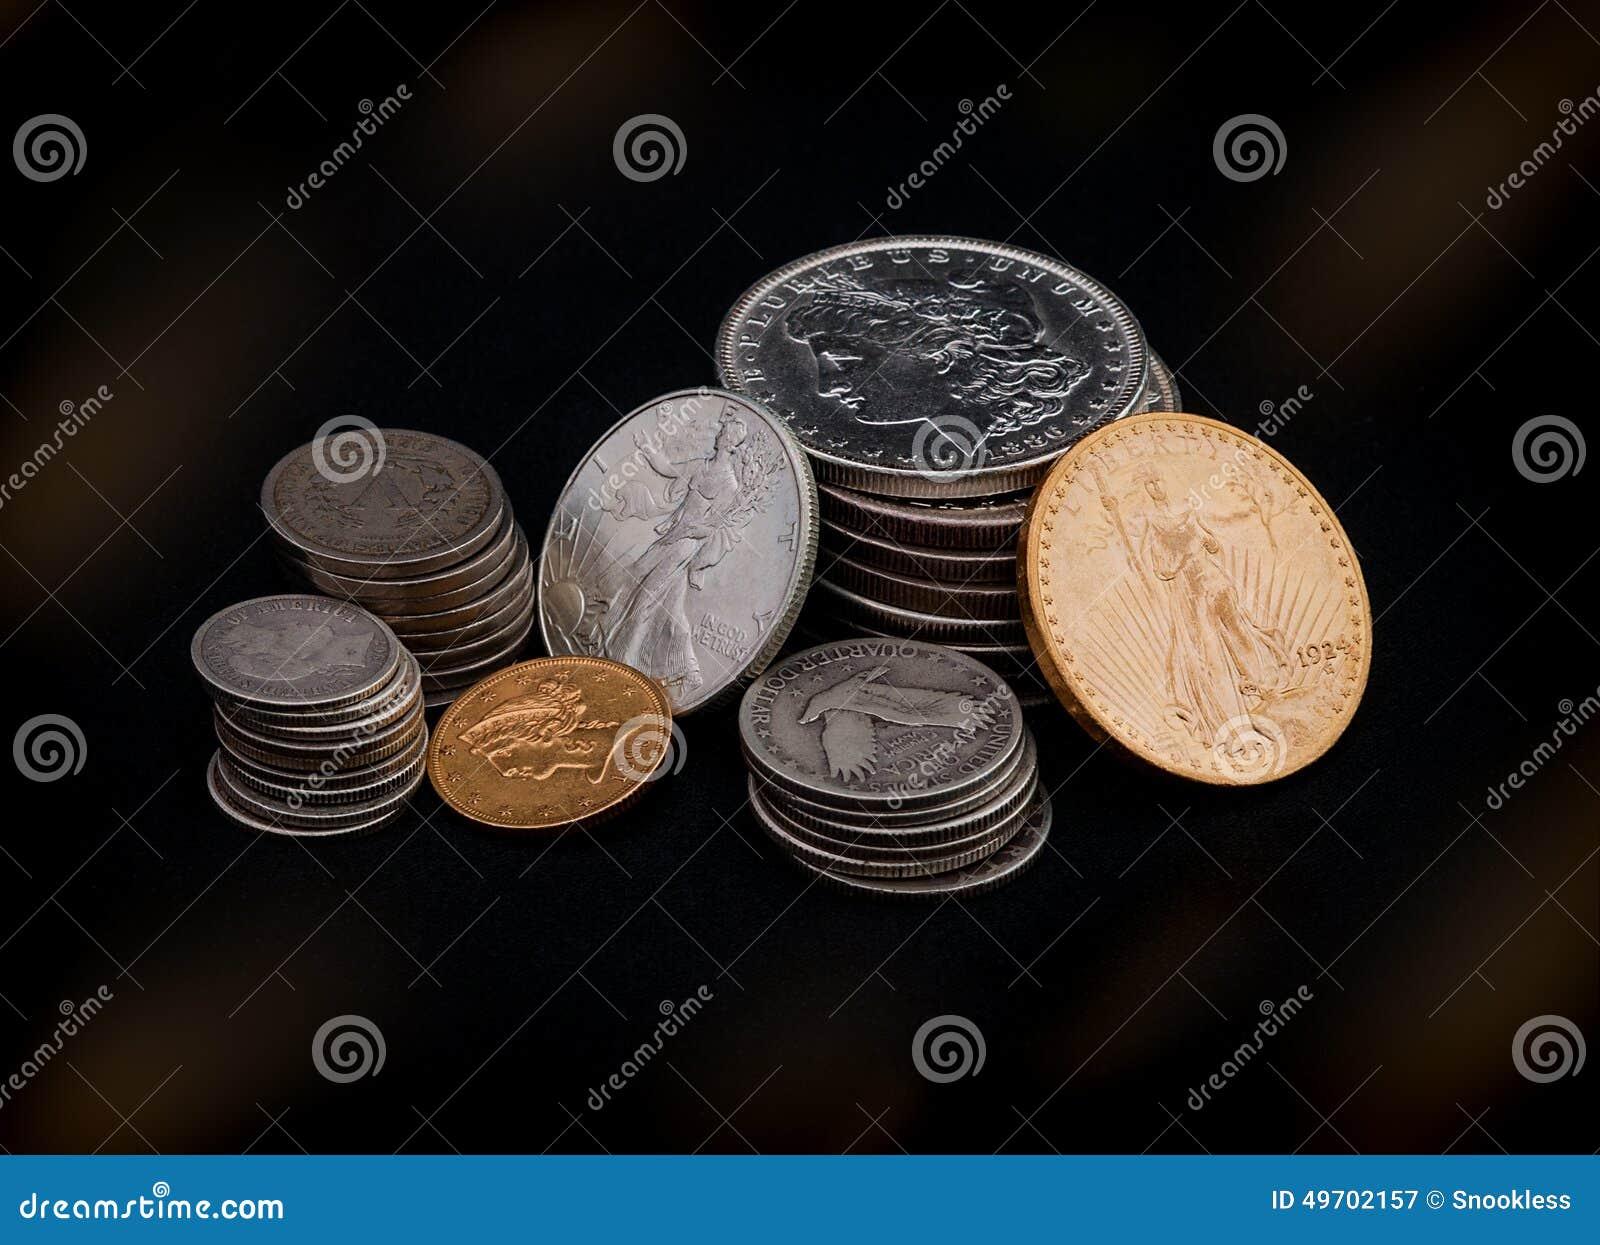 χρυσό ασήμι νομισμάτων